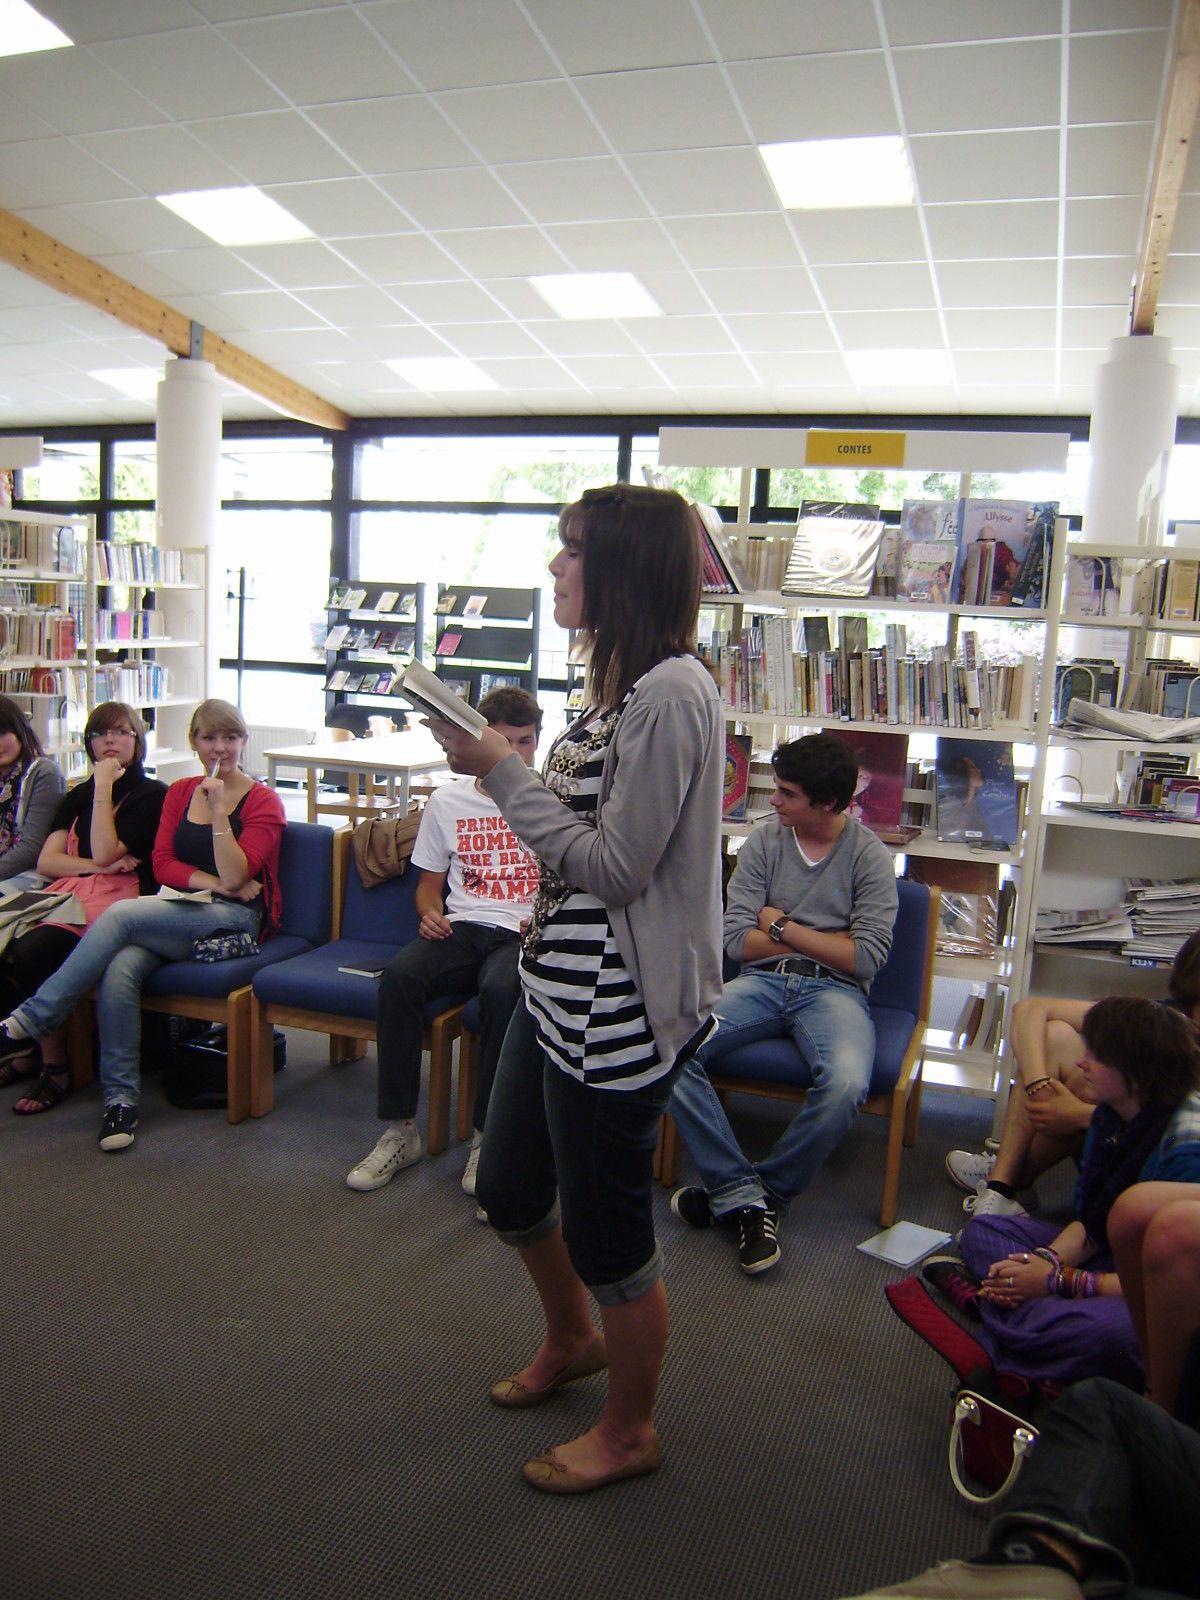 Le 9 juin 2011, les 1L du lycée de l'Iroise ont fêté en musique et en poésie la fin de la saison 3 d'i-voix.